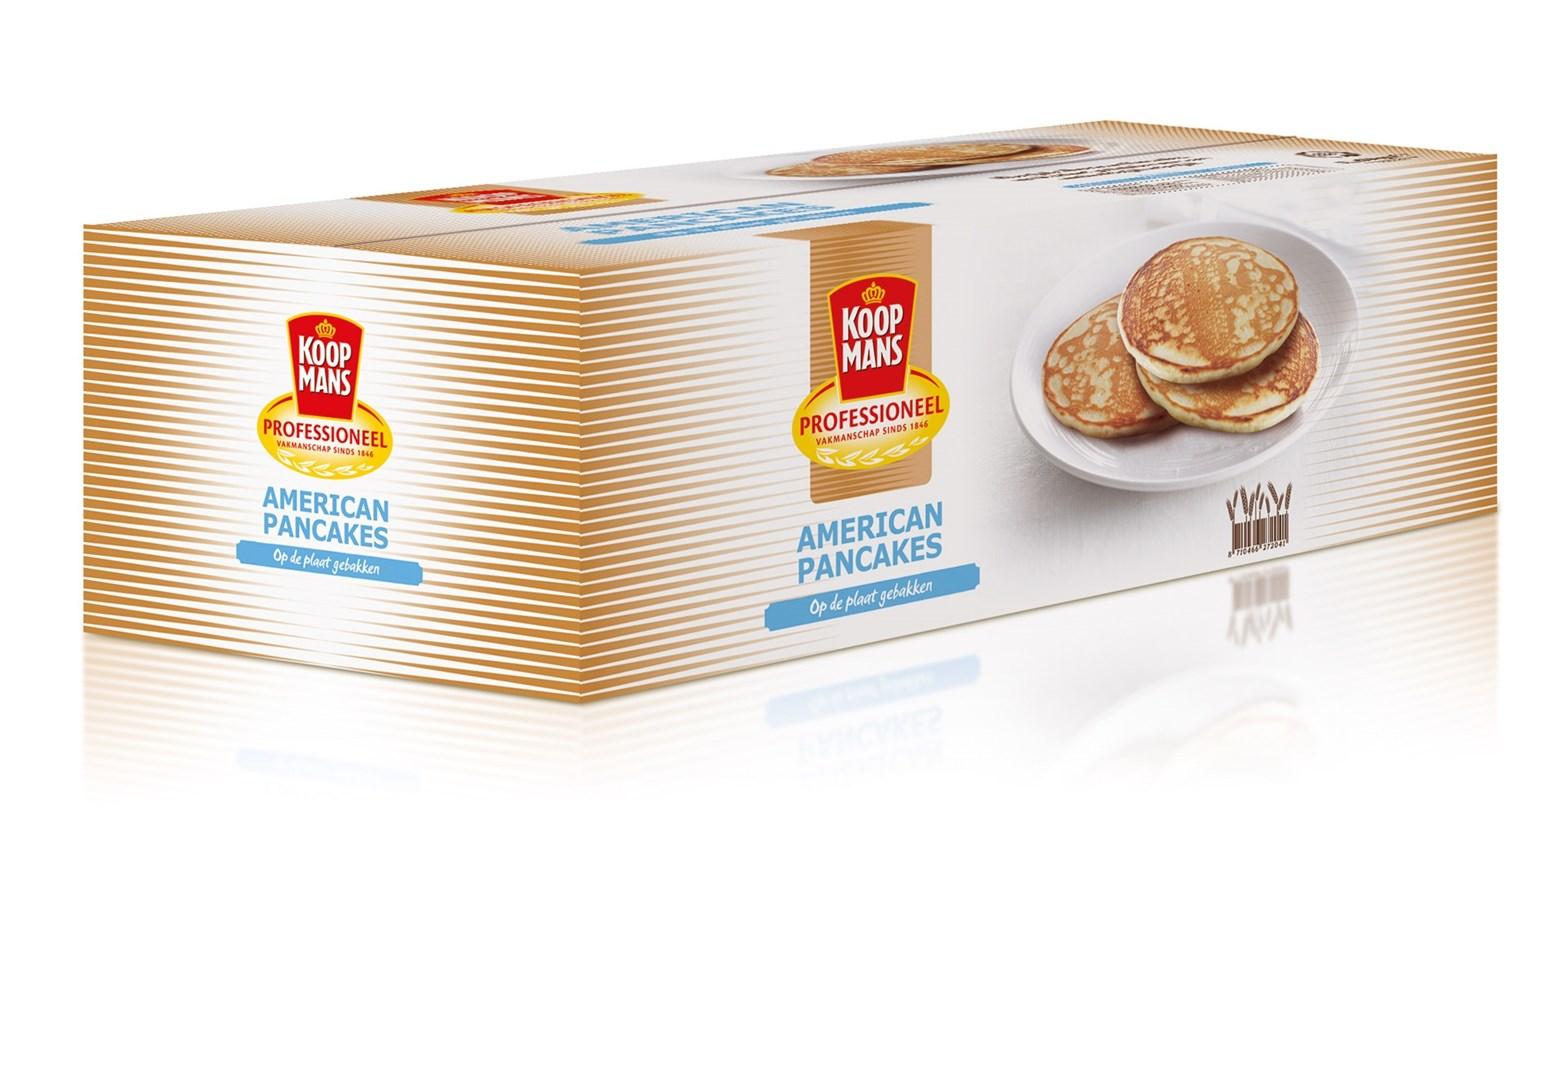 Productafbeelding Koopmans Professioneel Kant-en-klare American Pancakes 40x40g